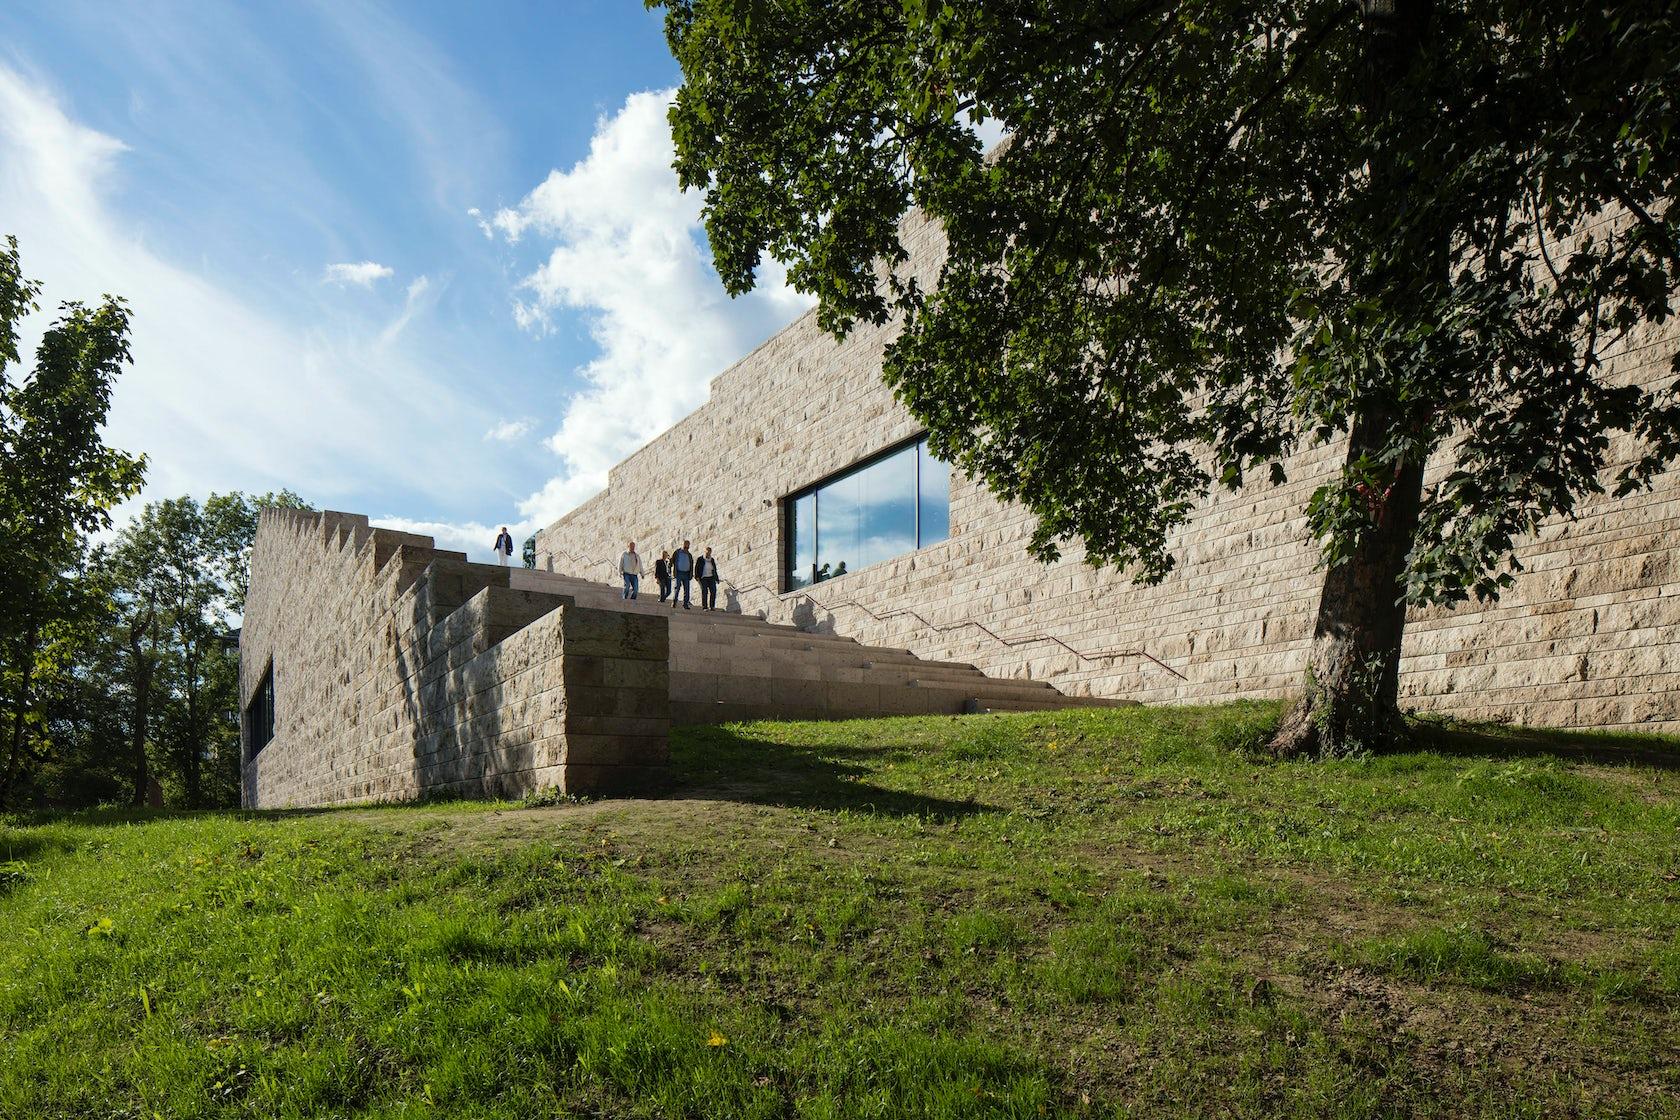 Grimmwelt Kassel - Architizer